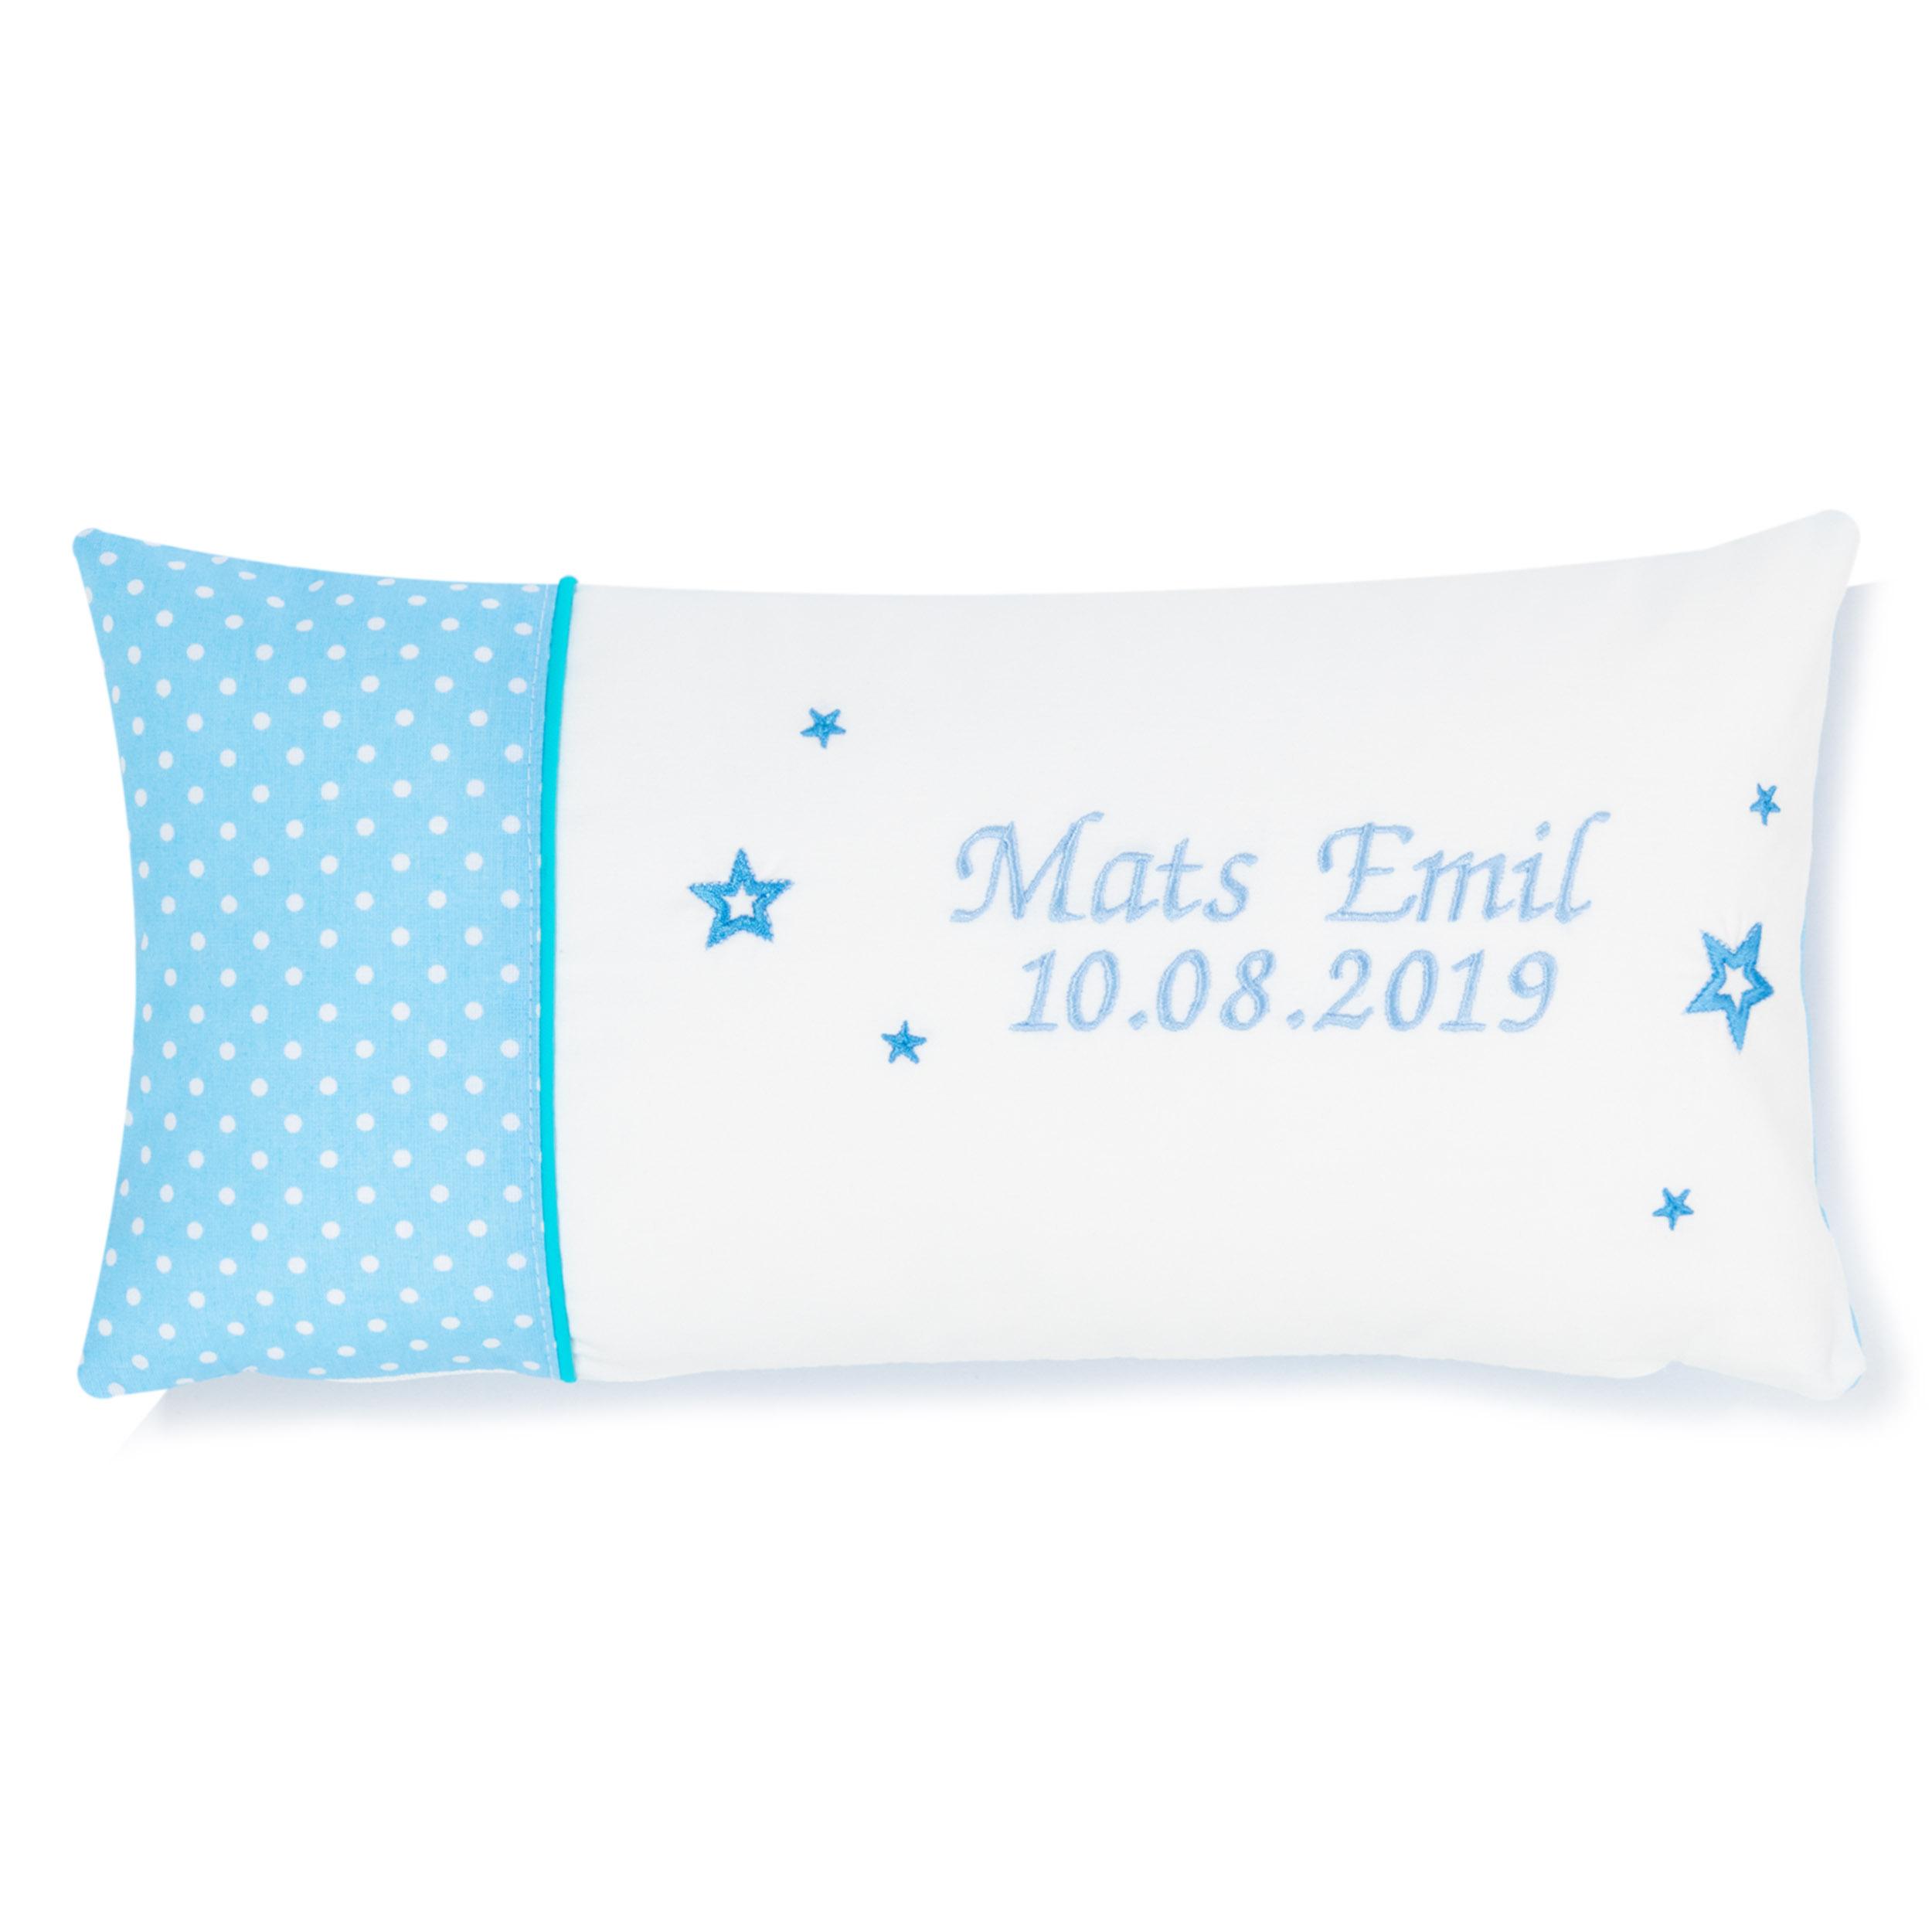 Kissen 40 x 20 cm mit Namen Datum Pünktchen Hellblau Weiß